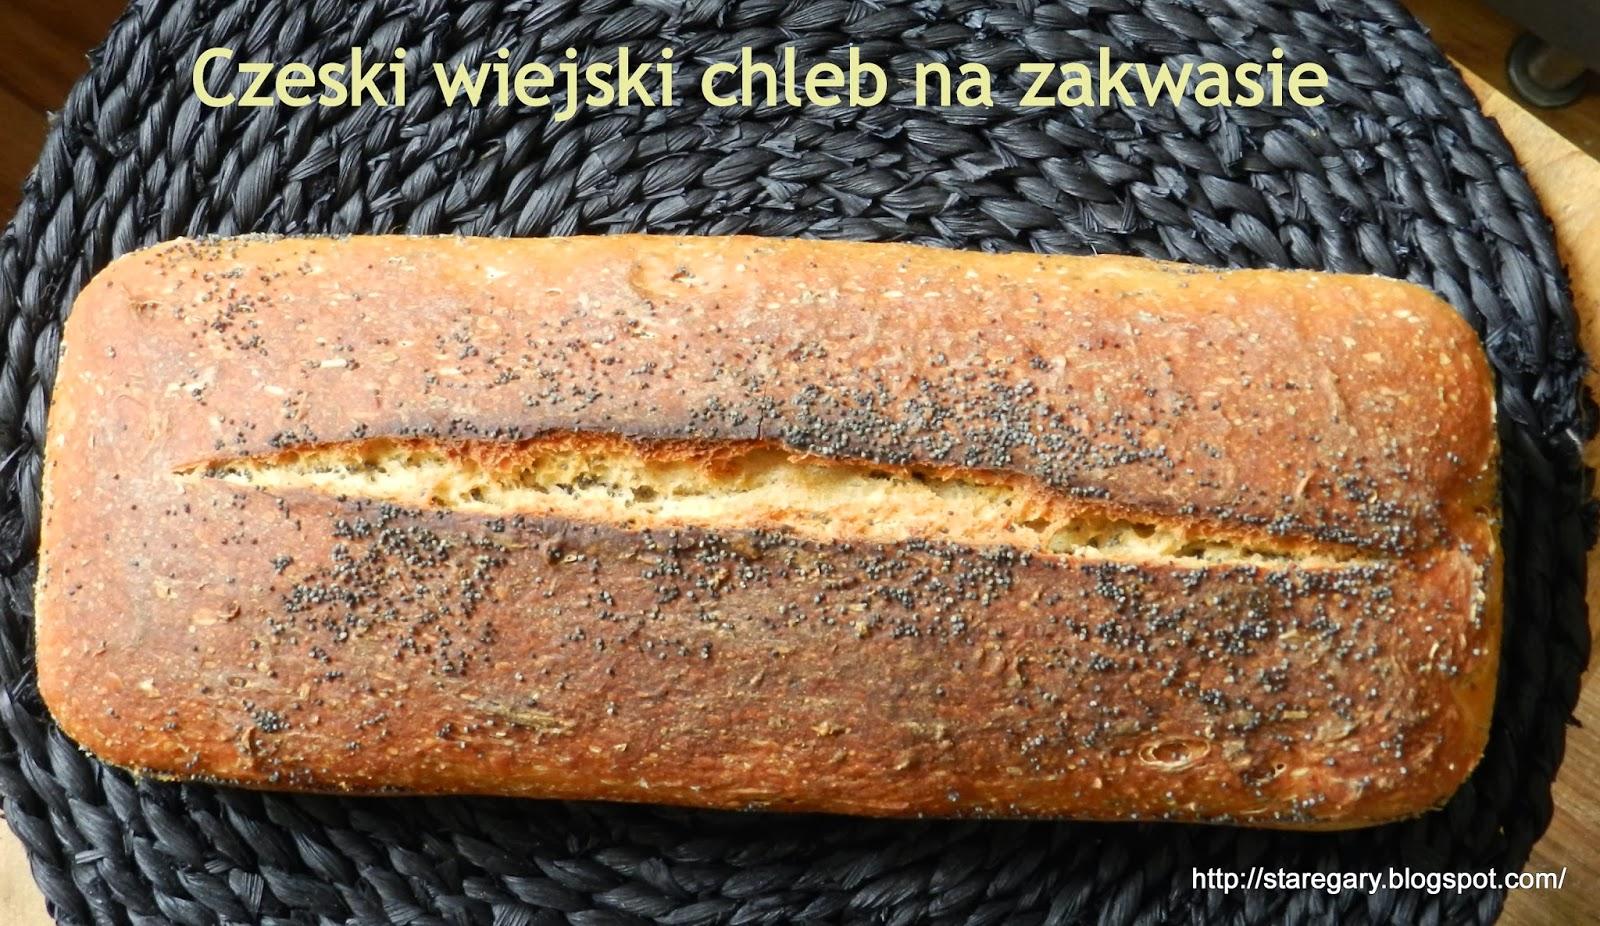 Czeski wiejski chleb na zakwasie